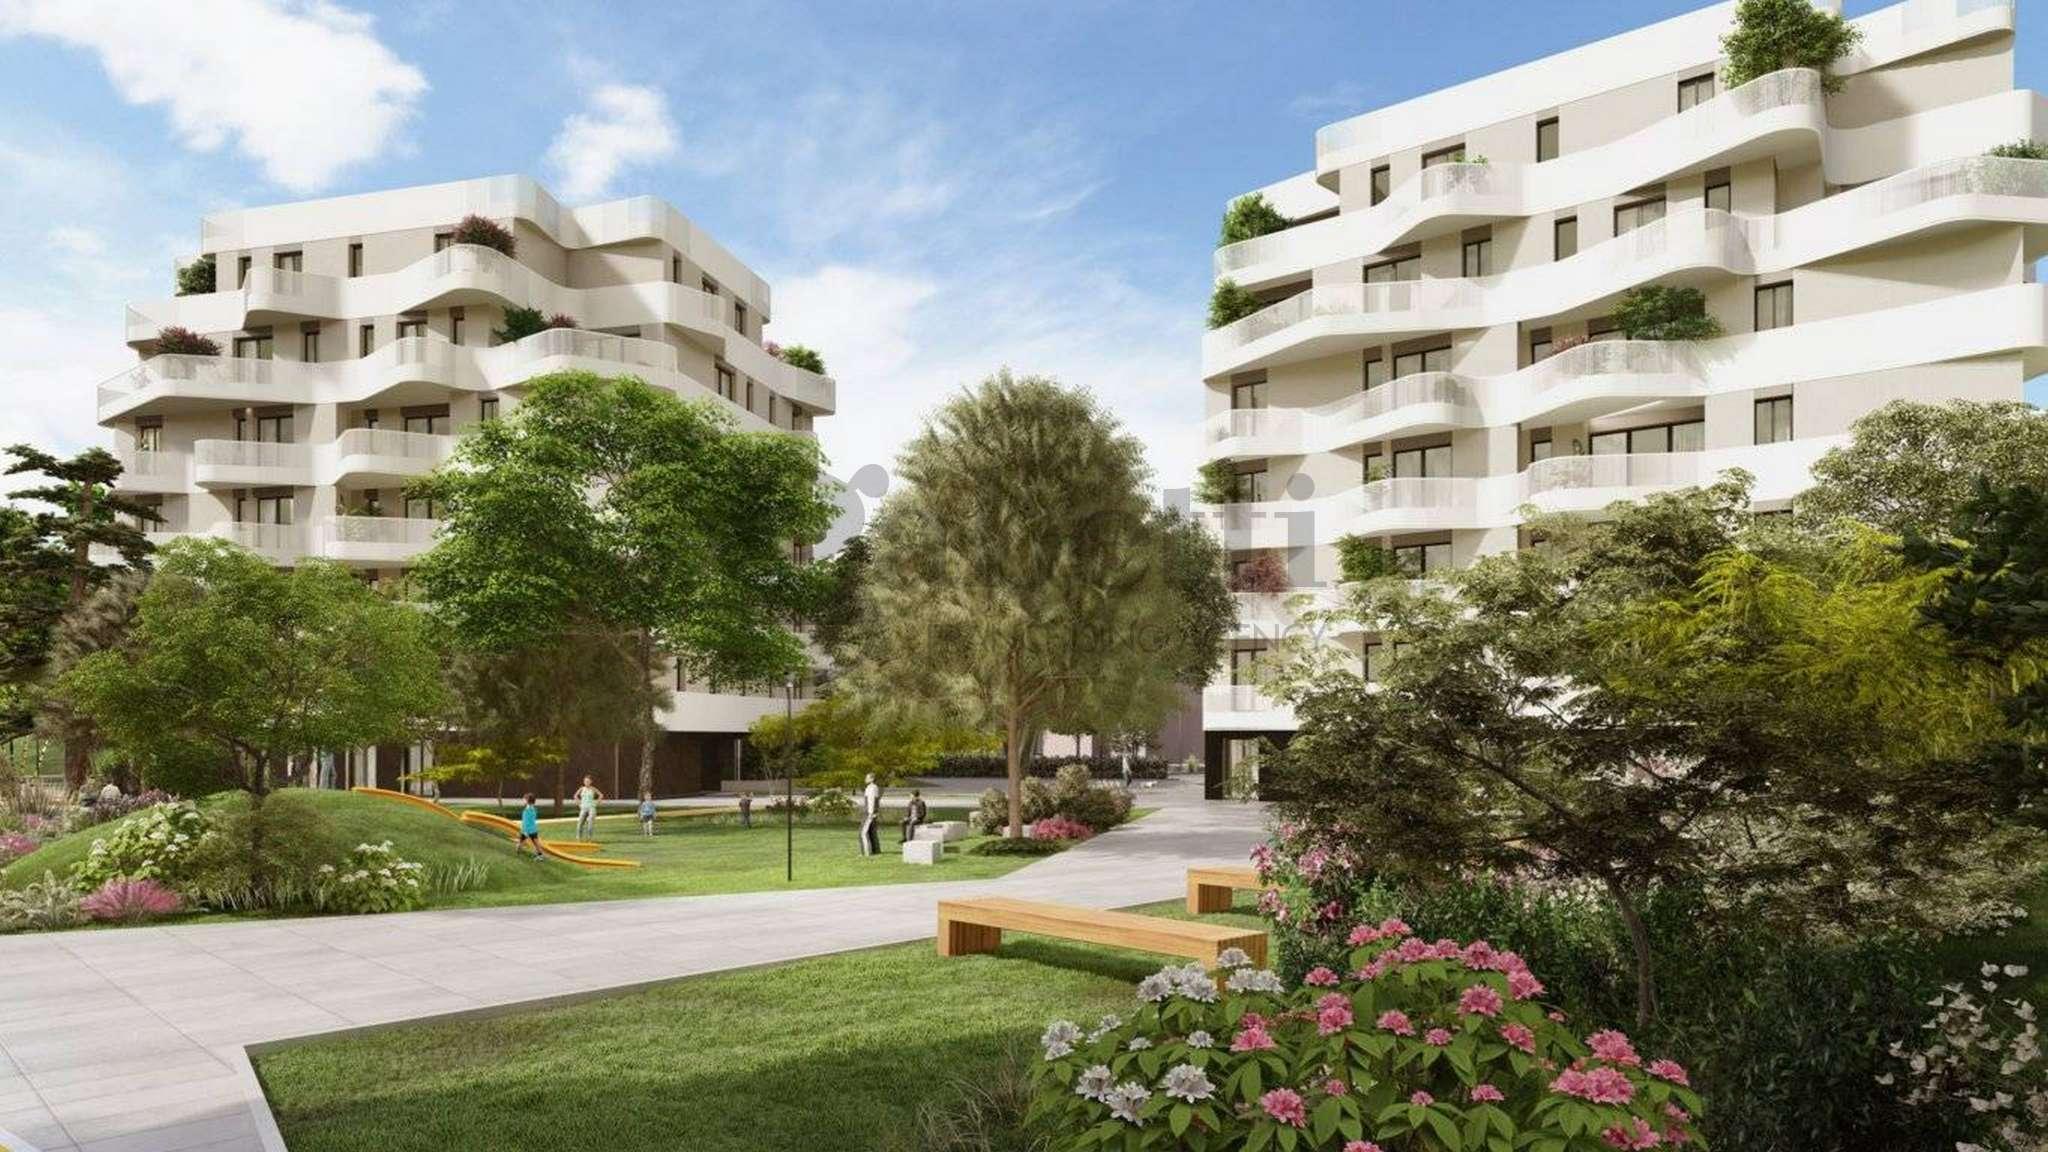 Appartamento in vendita a San Lazzaro di Savena, 2 locali, prezzo € 230.000 | PortaleAgenzieImmobiliari.it